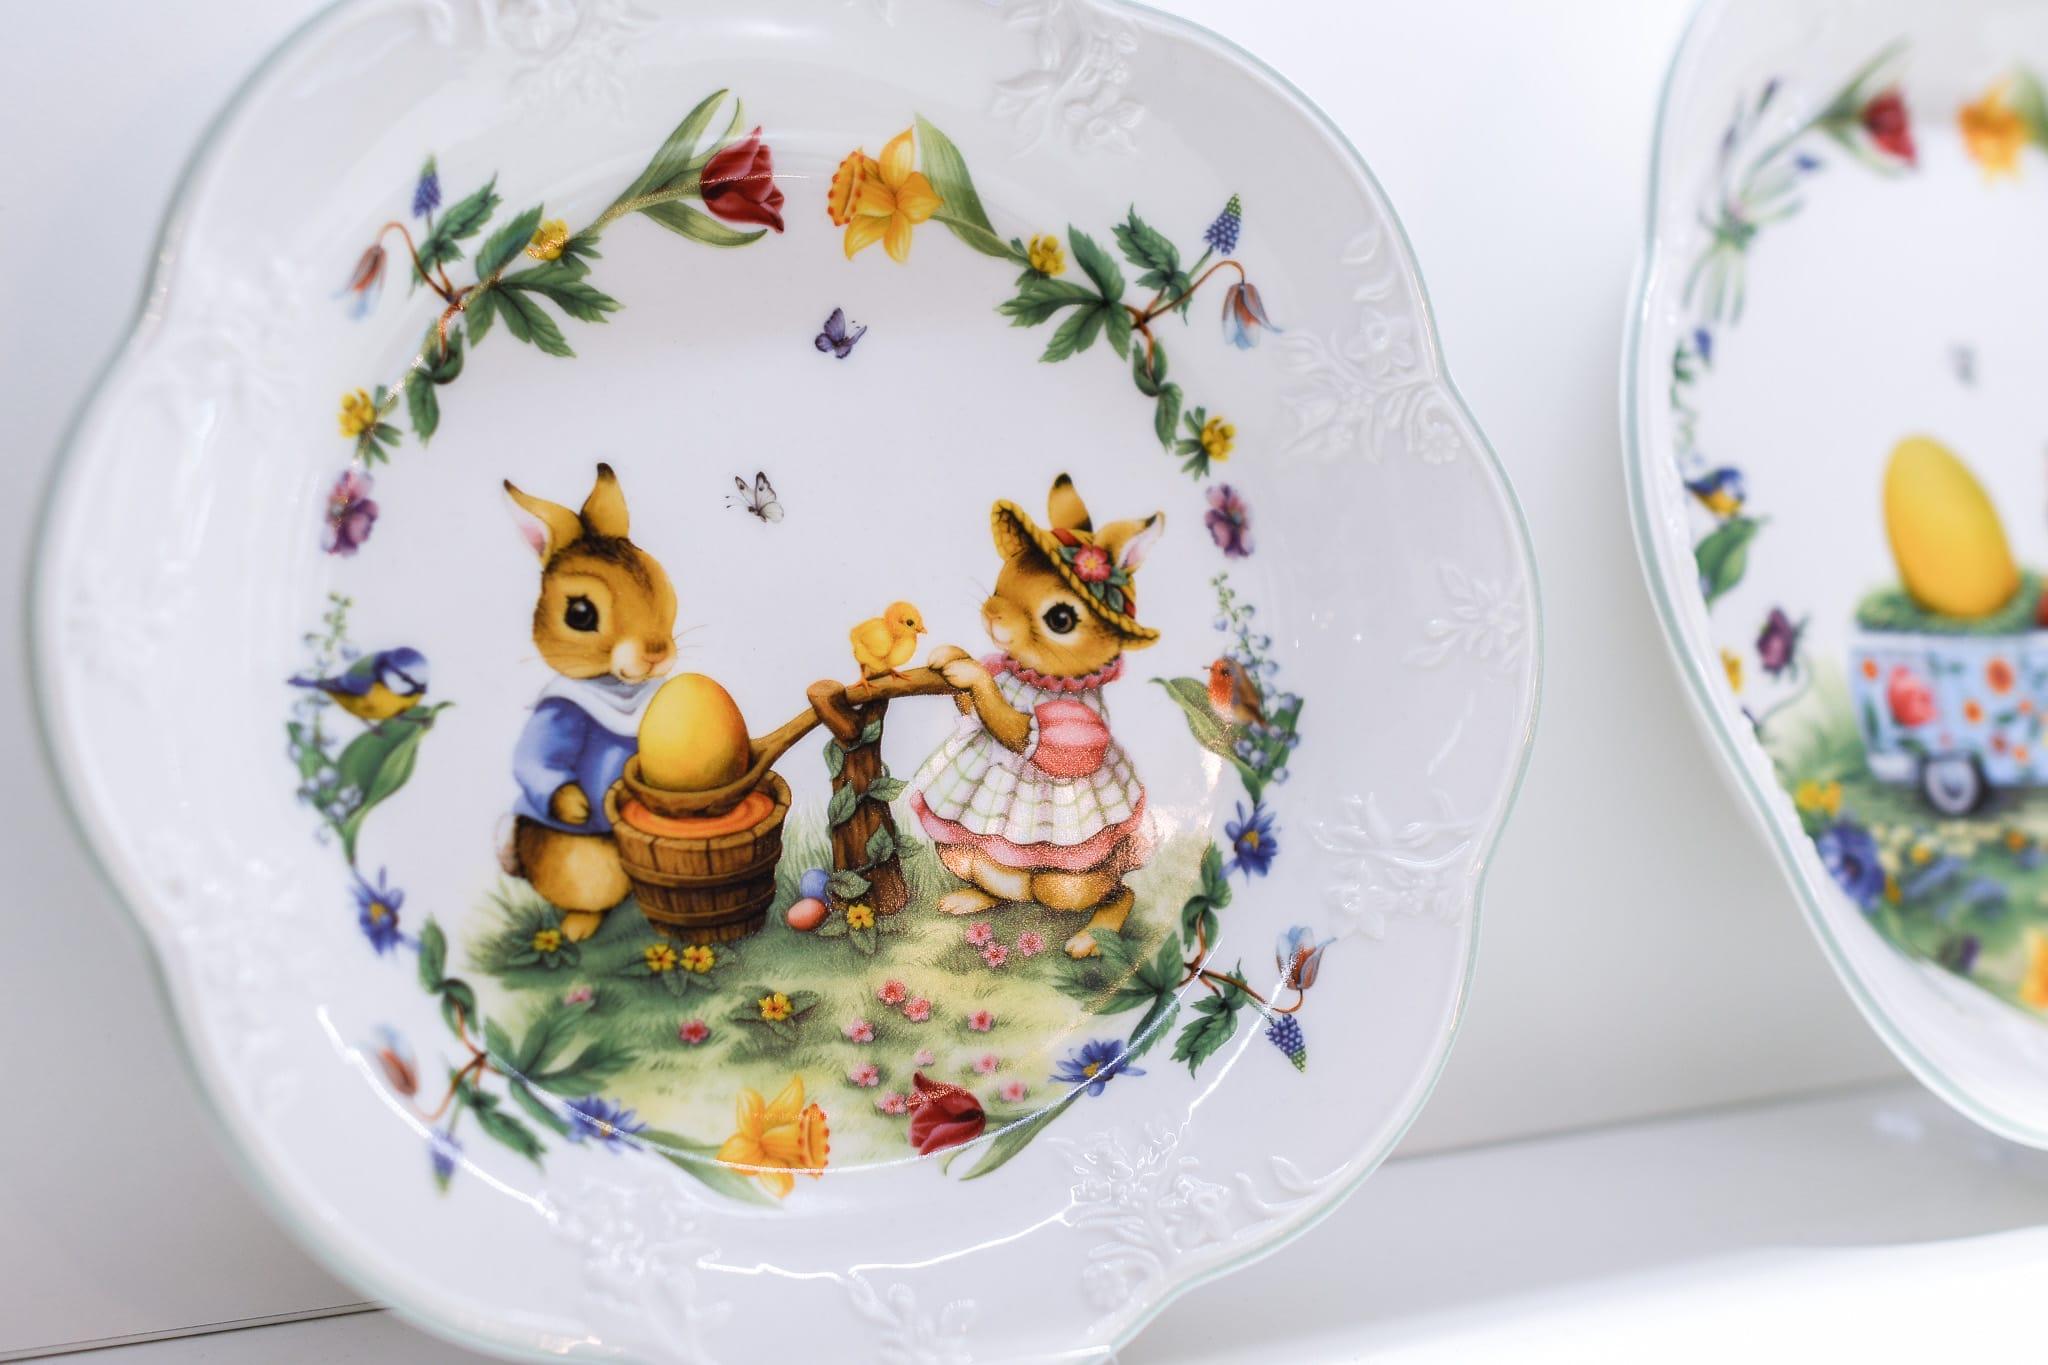 Osterhasenpaar, Ostergeschirr, Teller, Ei, Hase, Ostern, 9020 Klagenfurt am Wörthersee